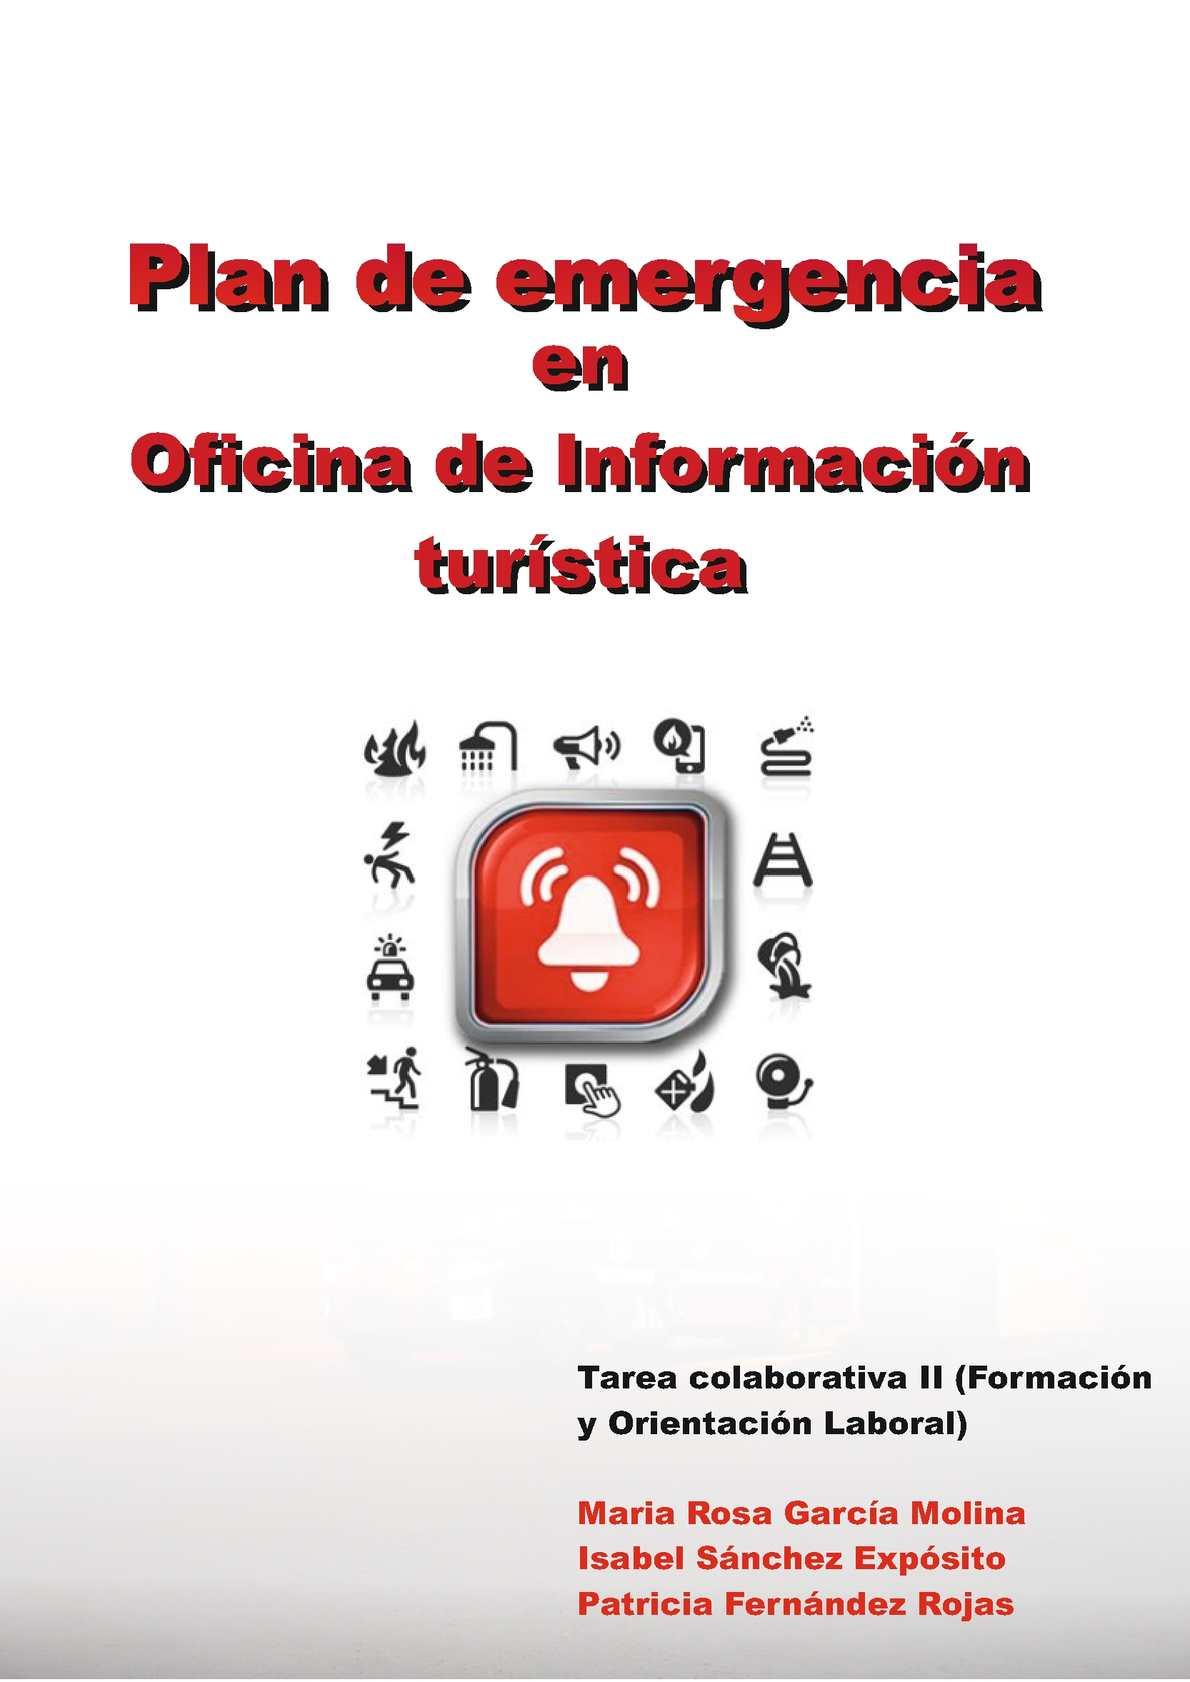 Calaméo - Plan de emergencia de una oficina de turismo